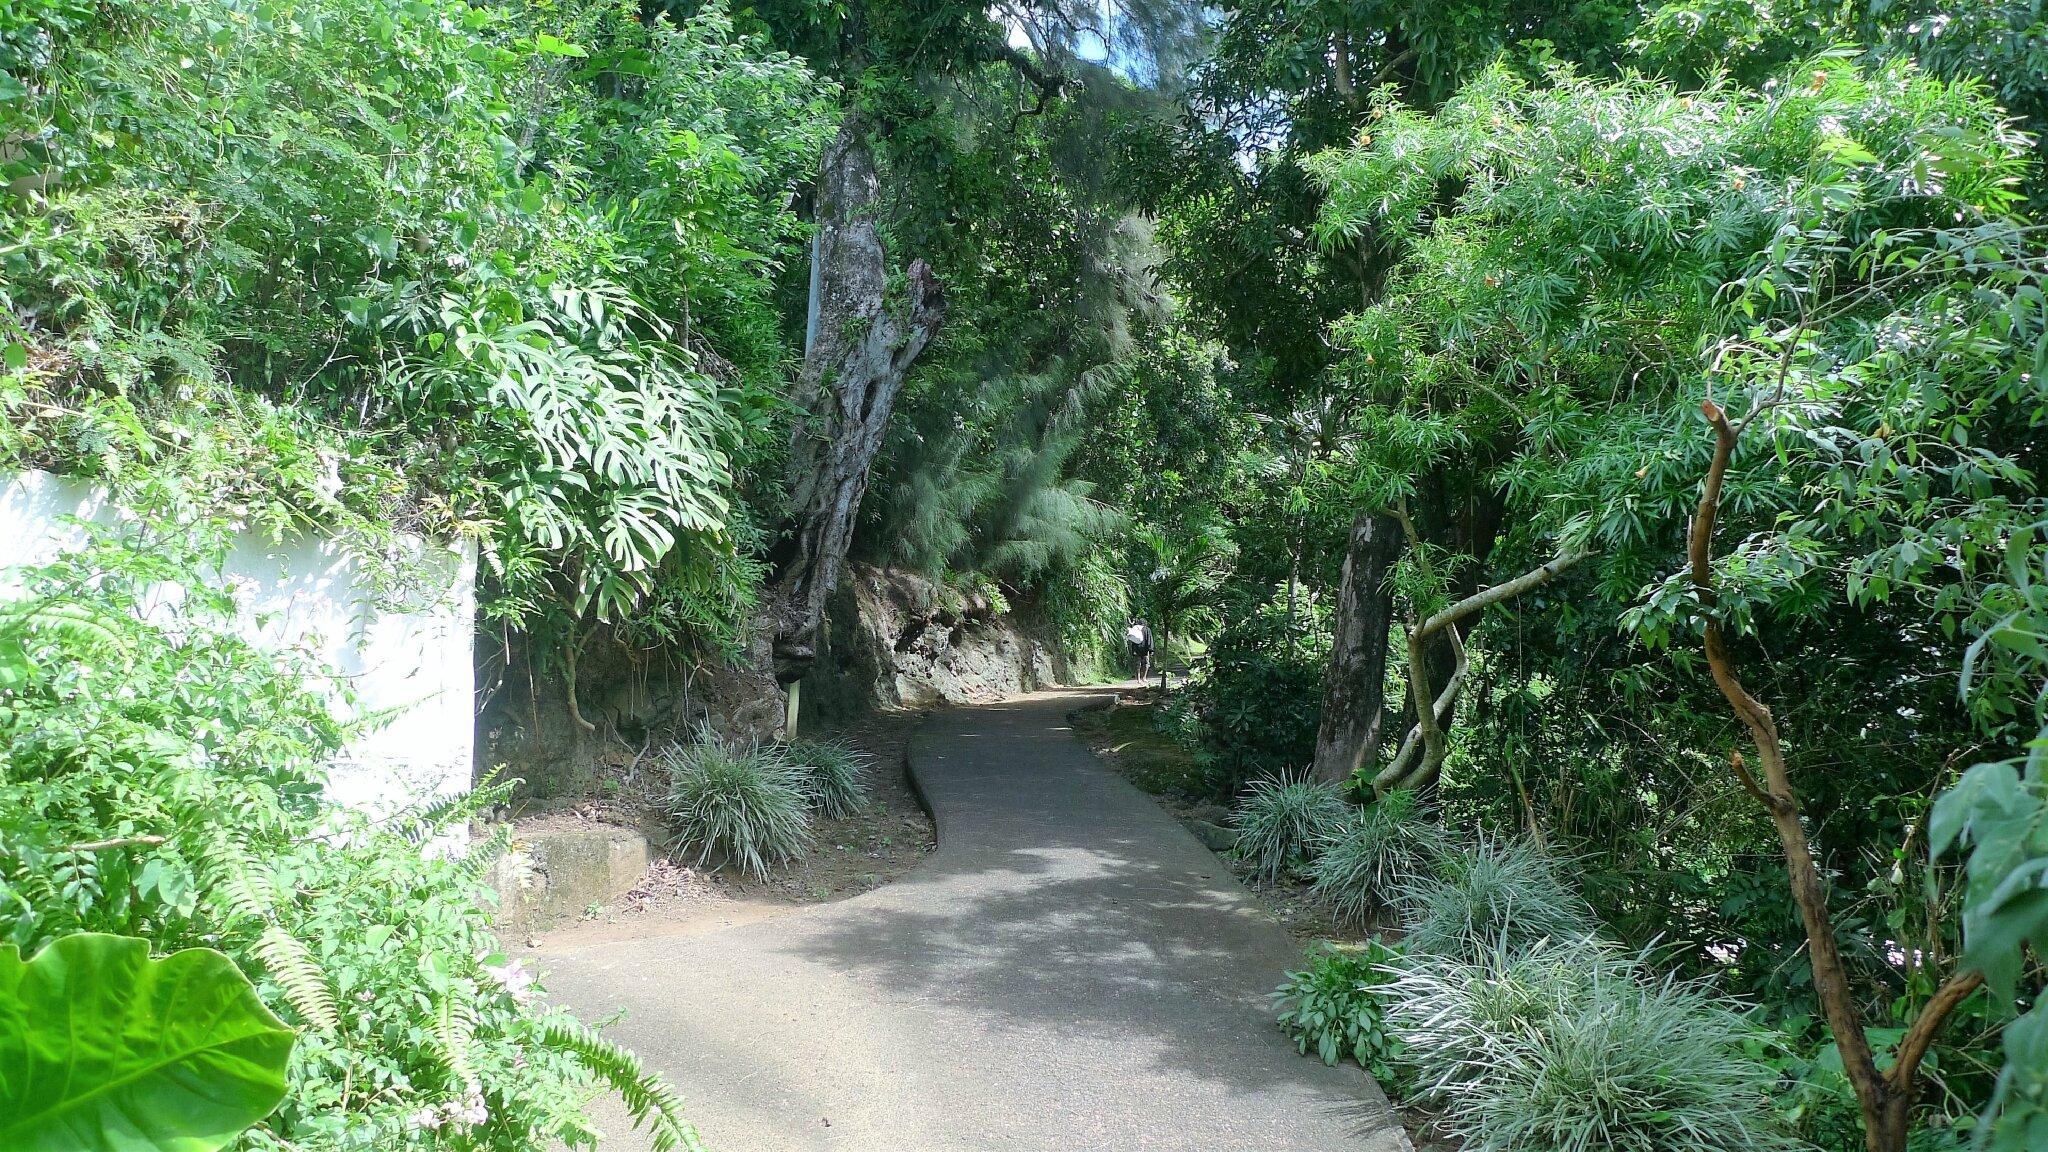 STE-SUZANNE : 3/6 Cascade les Délices à la Réunion - Chanson Réunion - Poésie - Blagues - Recette